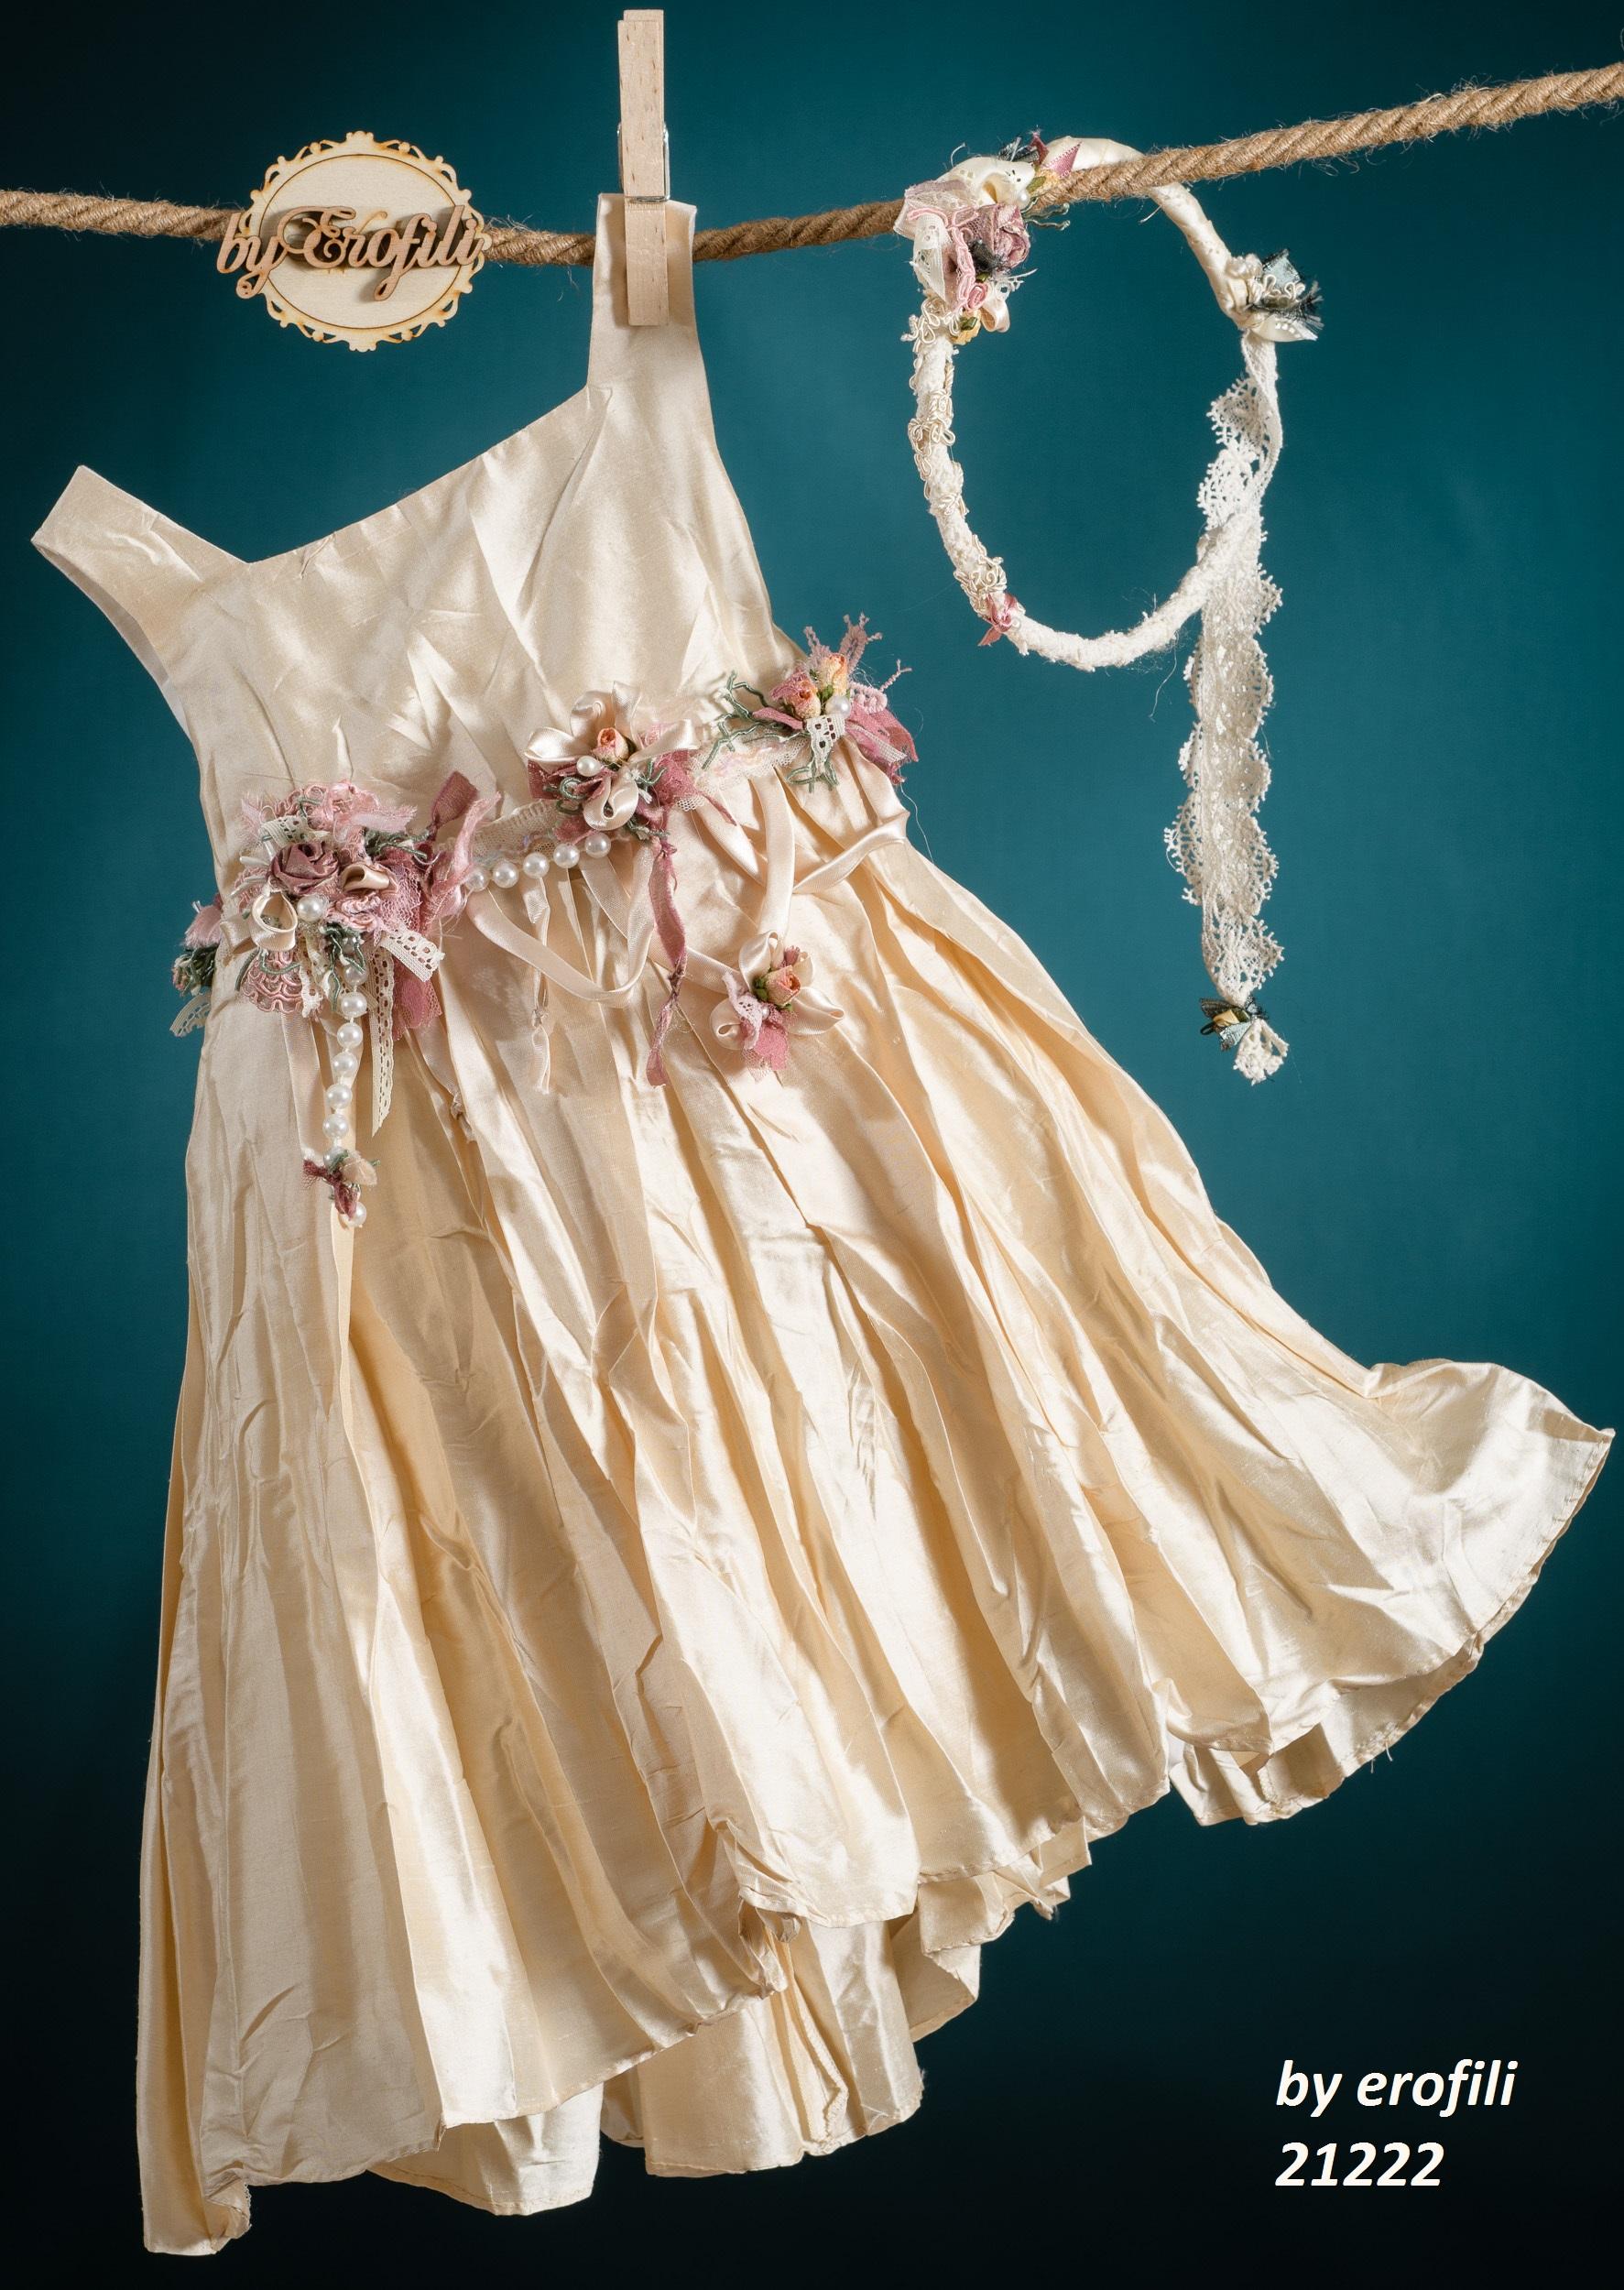 Ένα πλουσιοπάροχο βαφτιστικό σύνολο για κορίτσι σε χρυσούς τόνους που περιλαμβάνει:  Φόρεμα (φόδρα από 100% βαμβάκι) σε λαμπερό χρυσό με ζώνη από χειροποίητα υφασμάτινα λουλούδια  Στεφανάκι με ασορτί χειροποίητα λουλούδια Για μικρές κυρίες που λατρεύουν να είναι το επίκεντρο της προσοχής!